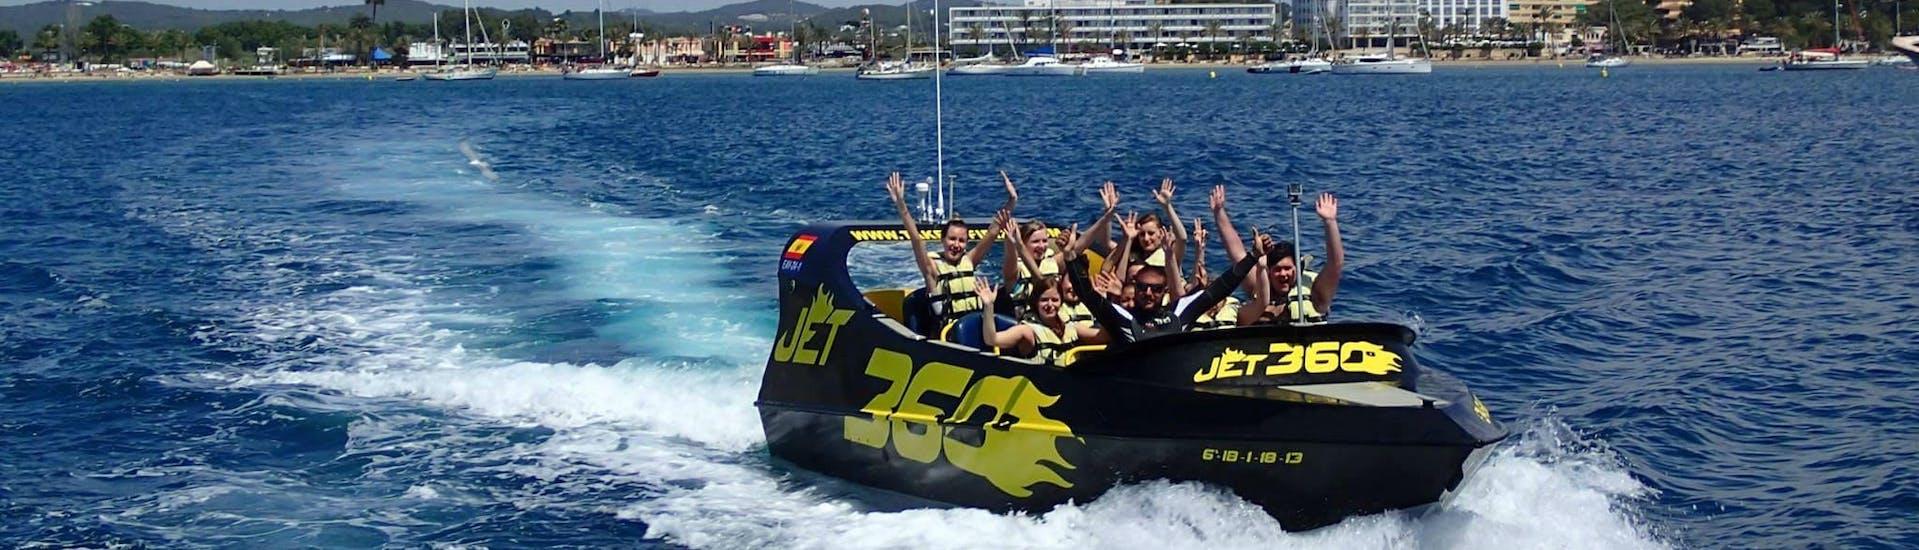 jet-boat-360-tour-ibiza-take-off-ibiza-hero